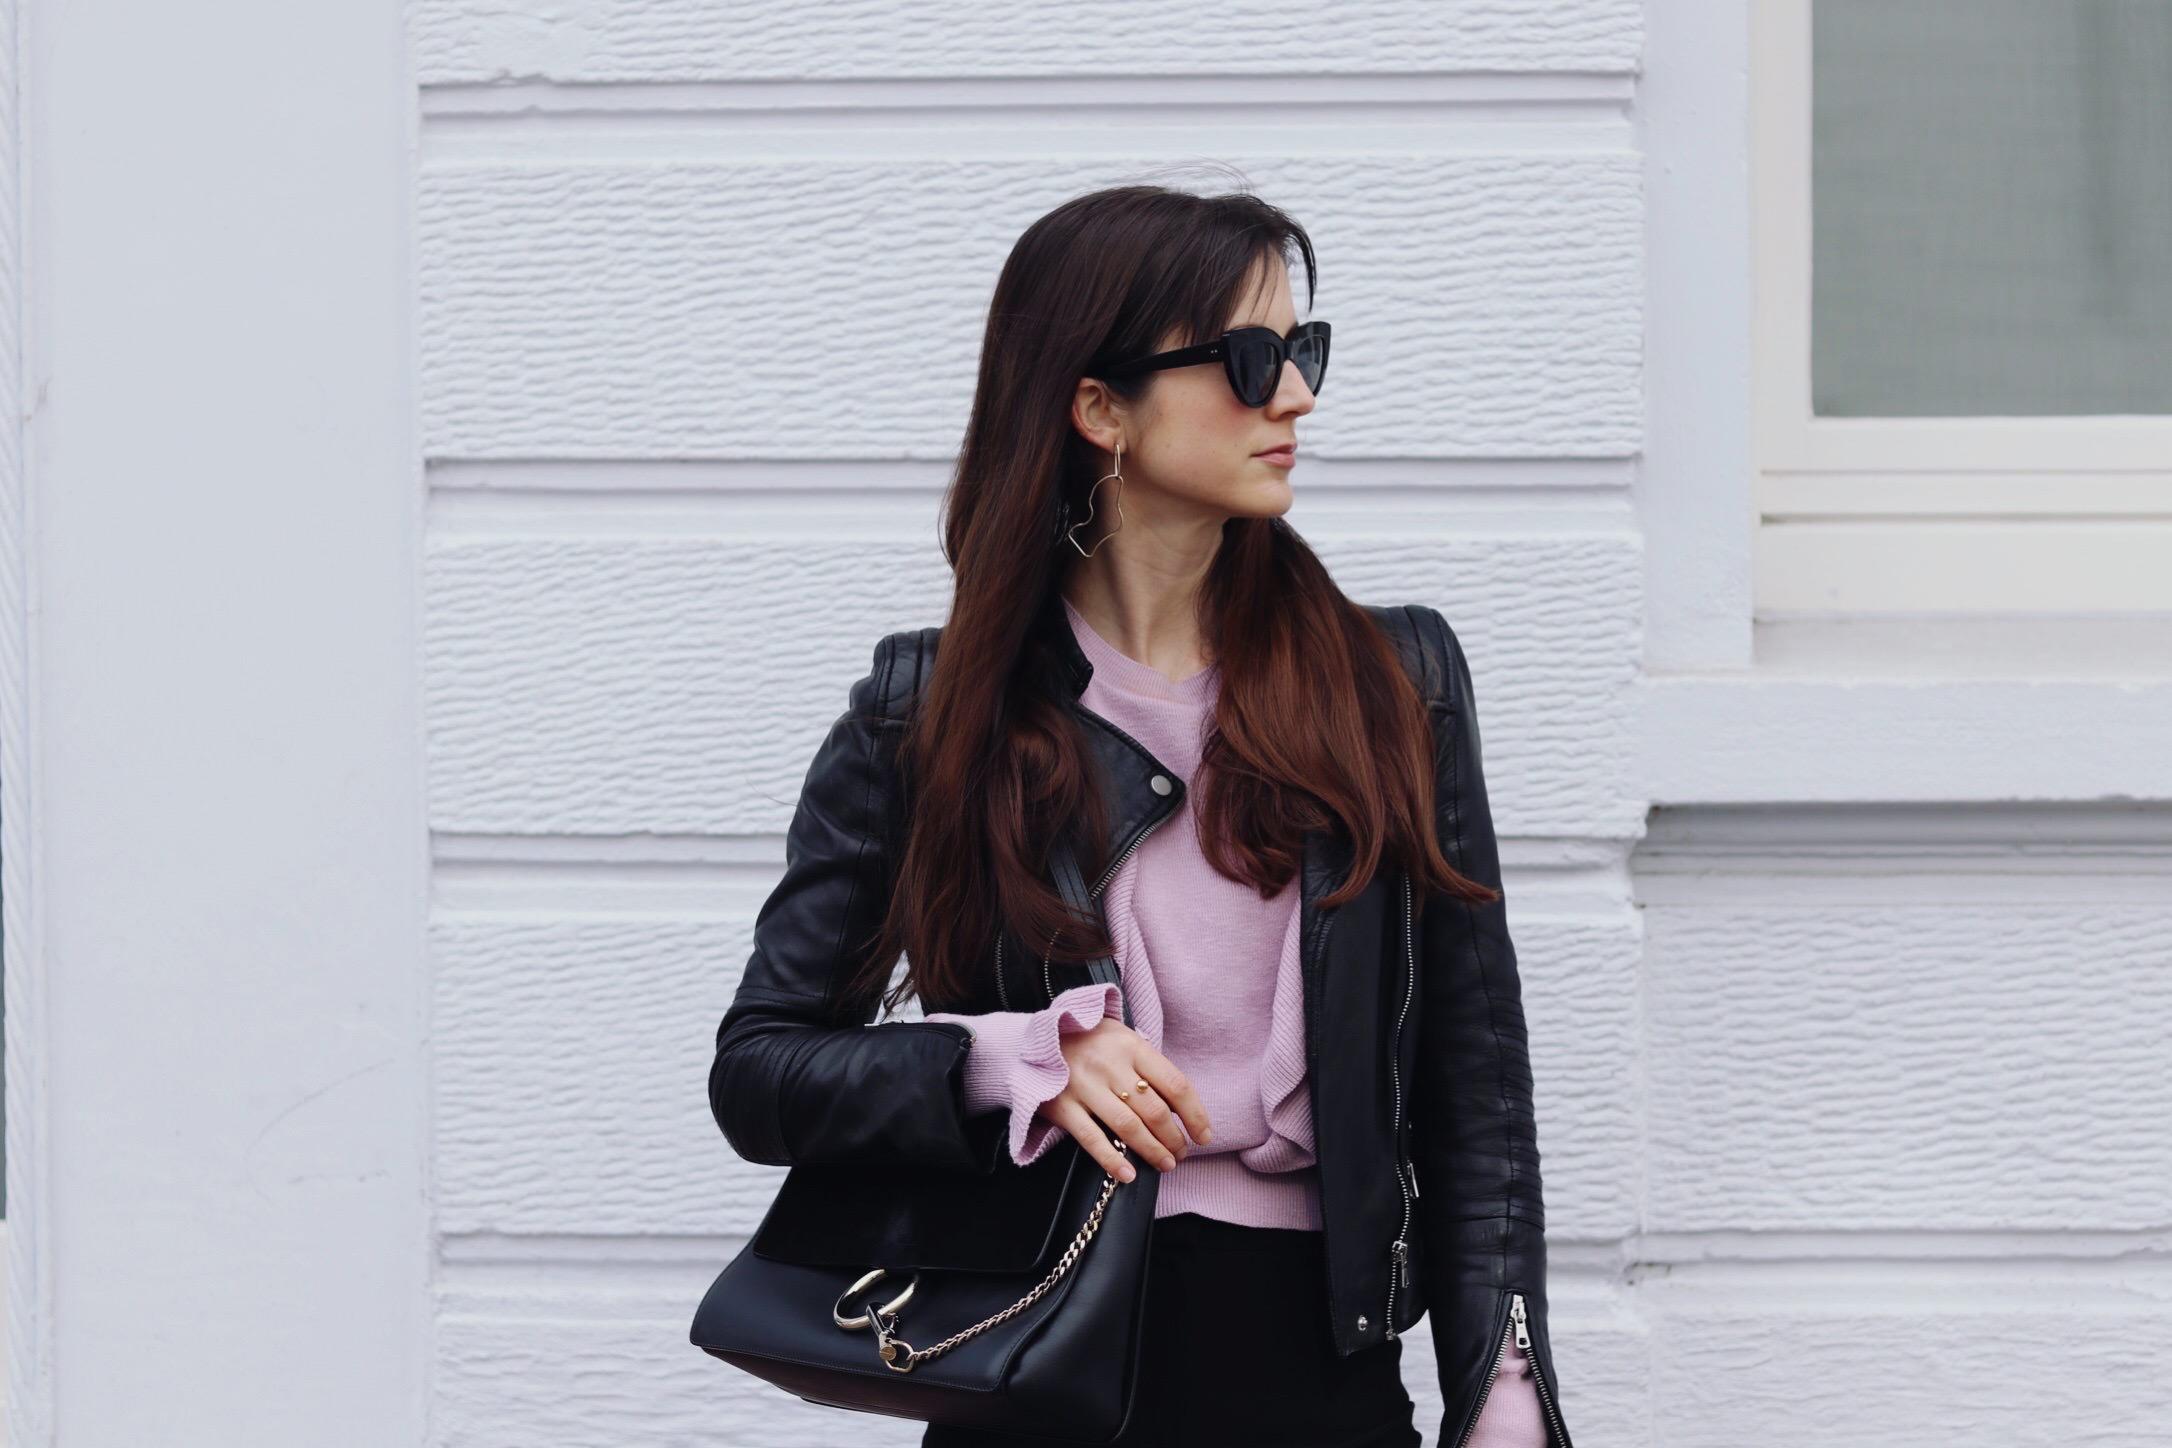 Lila Pullover mit Volants und Rueschen. Das sind neben Violett und Flieder die Trendfarben 2017. Dazu trage ich eine schwarze Lederjacke und eine Chloe Tasche